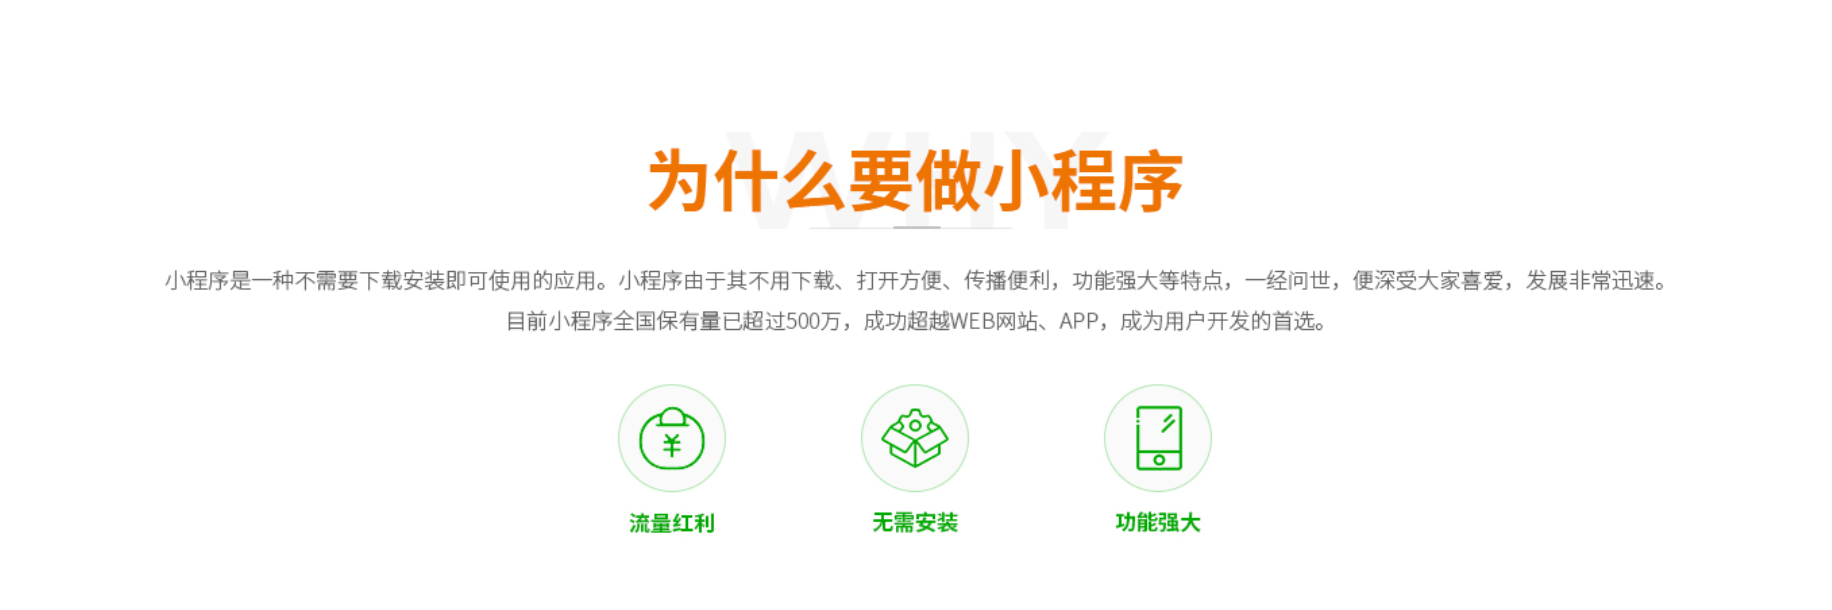 _小程序开发微信开发定制微官网公众平台制作设计商城社区公众号19